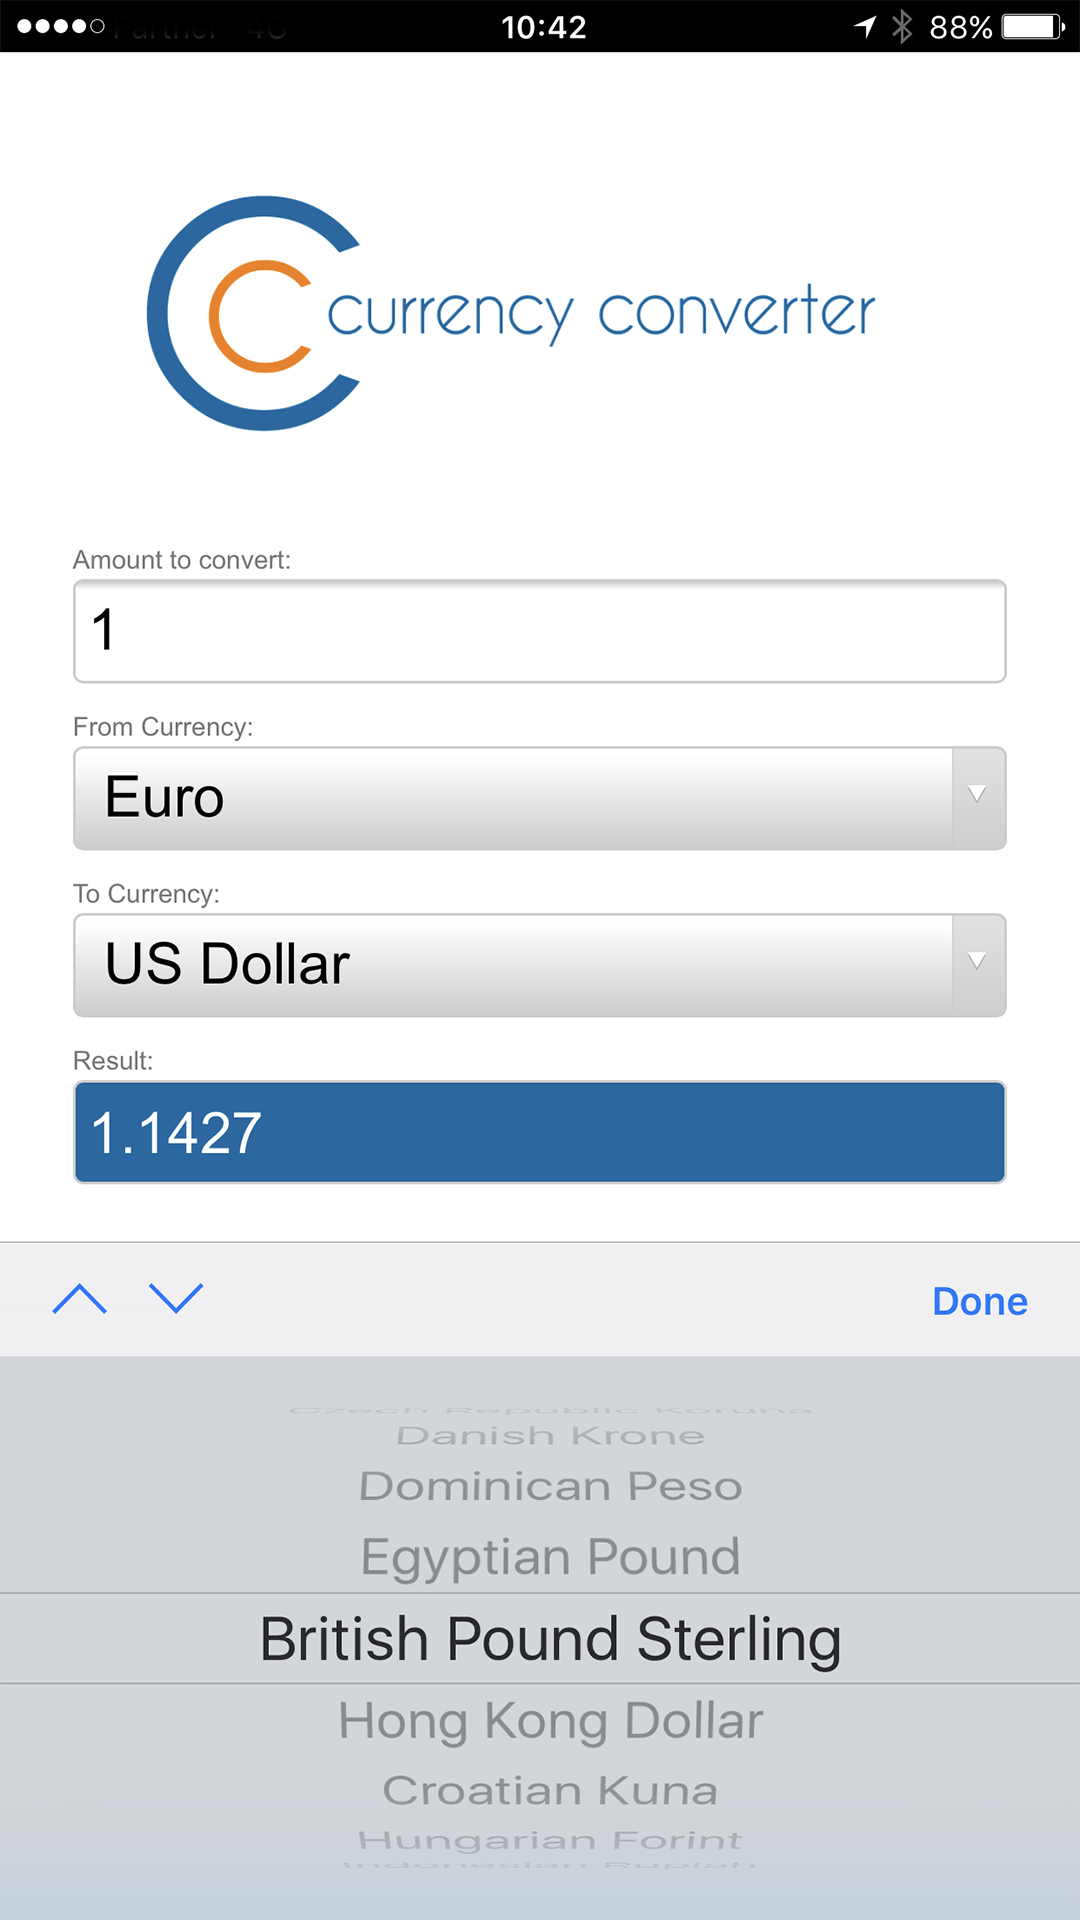 CC货币汇率兑换计算器截图